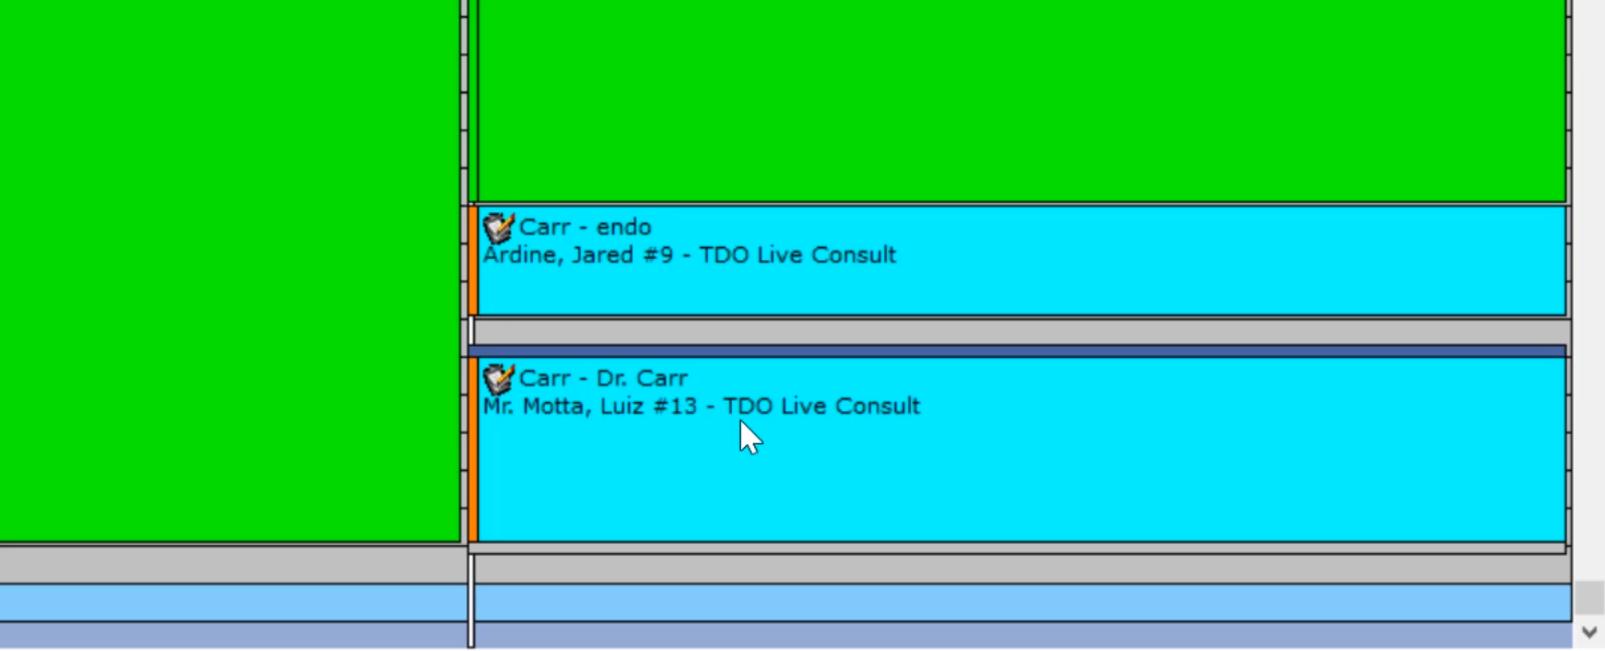 TDO Live Consult - Calendar Screenshot